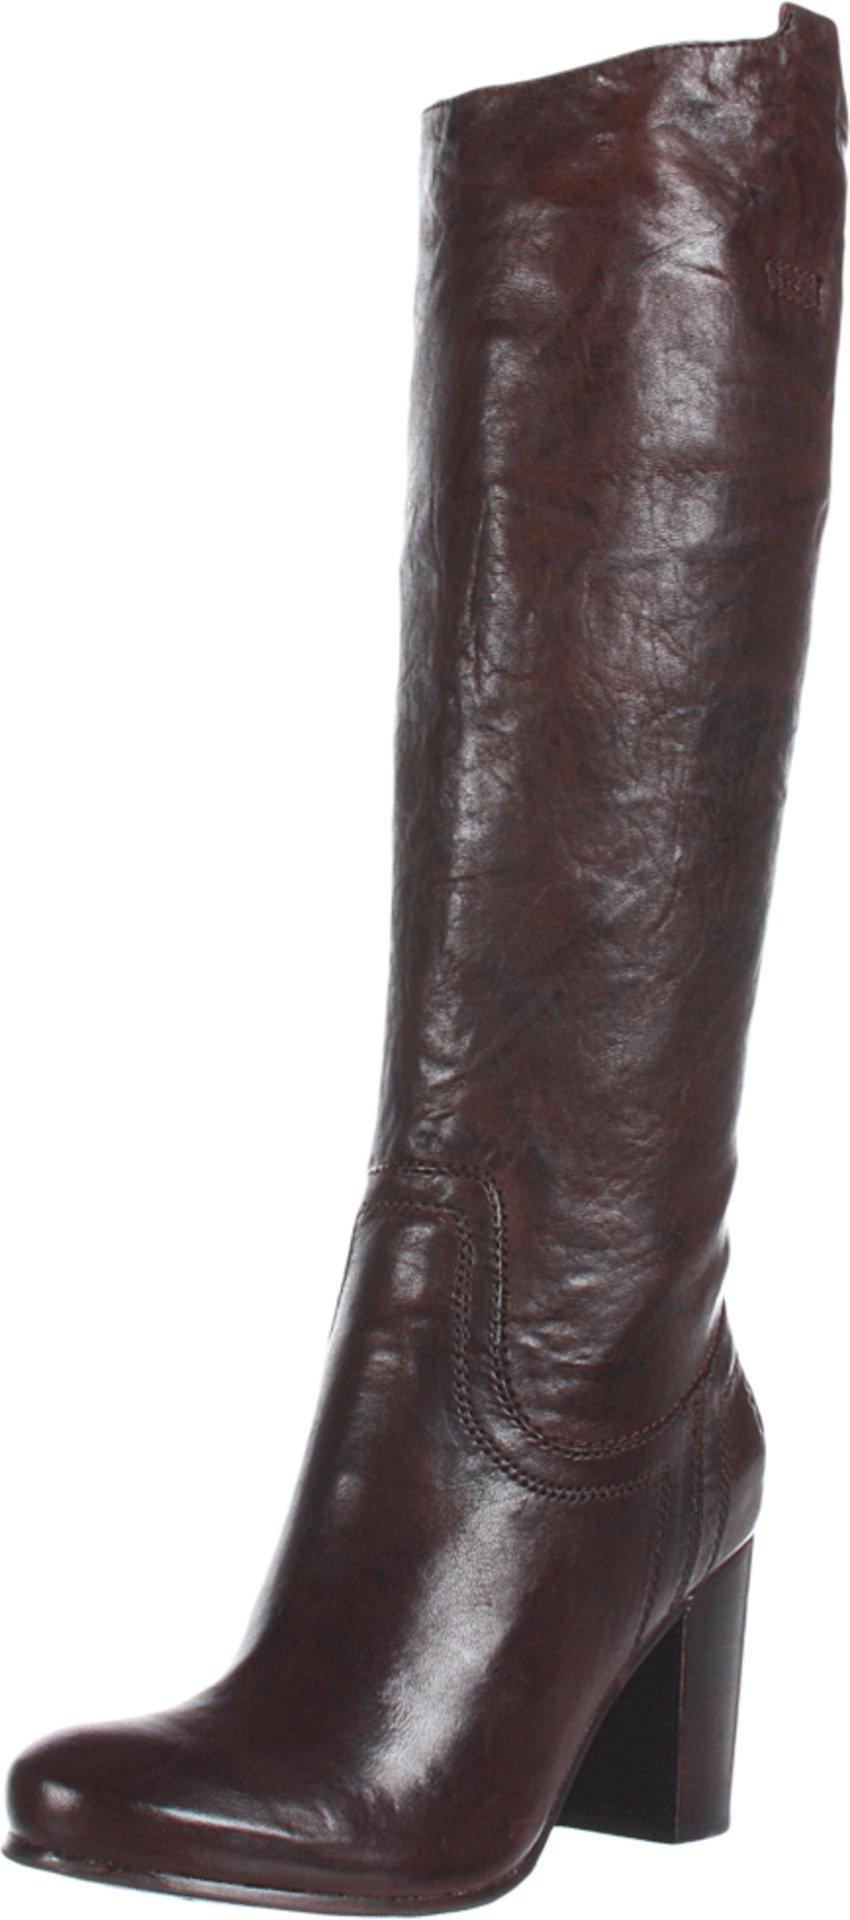 FRYE Women's Carson Heel Tab Knee-High Boot, Dark Brown, 10 M US